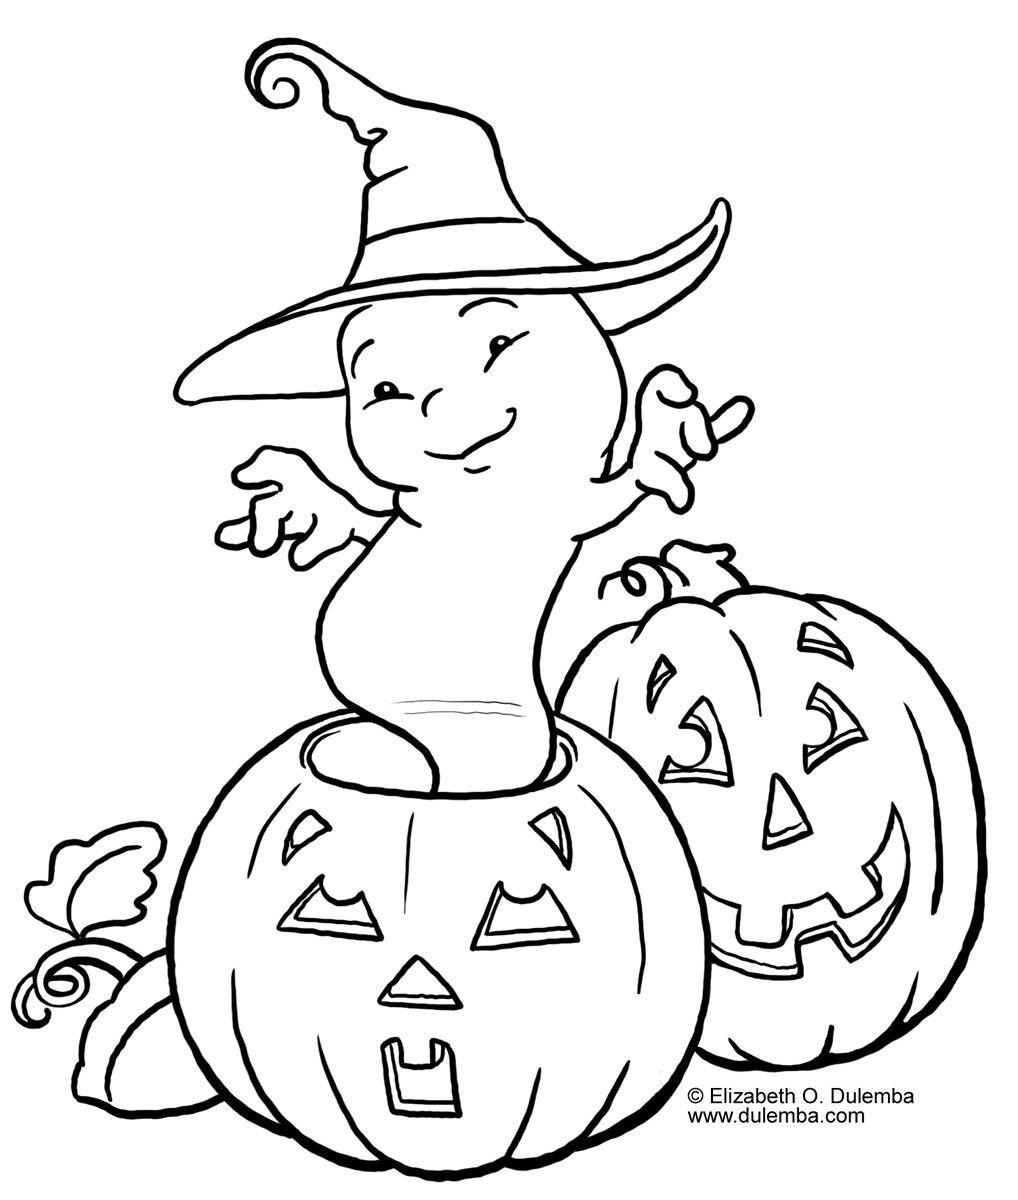 Halloween Pumpkin Colouring Pages For Kids Malvorlagen Halloween Kurbis Malvorlage Und Disney Malvorlagen